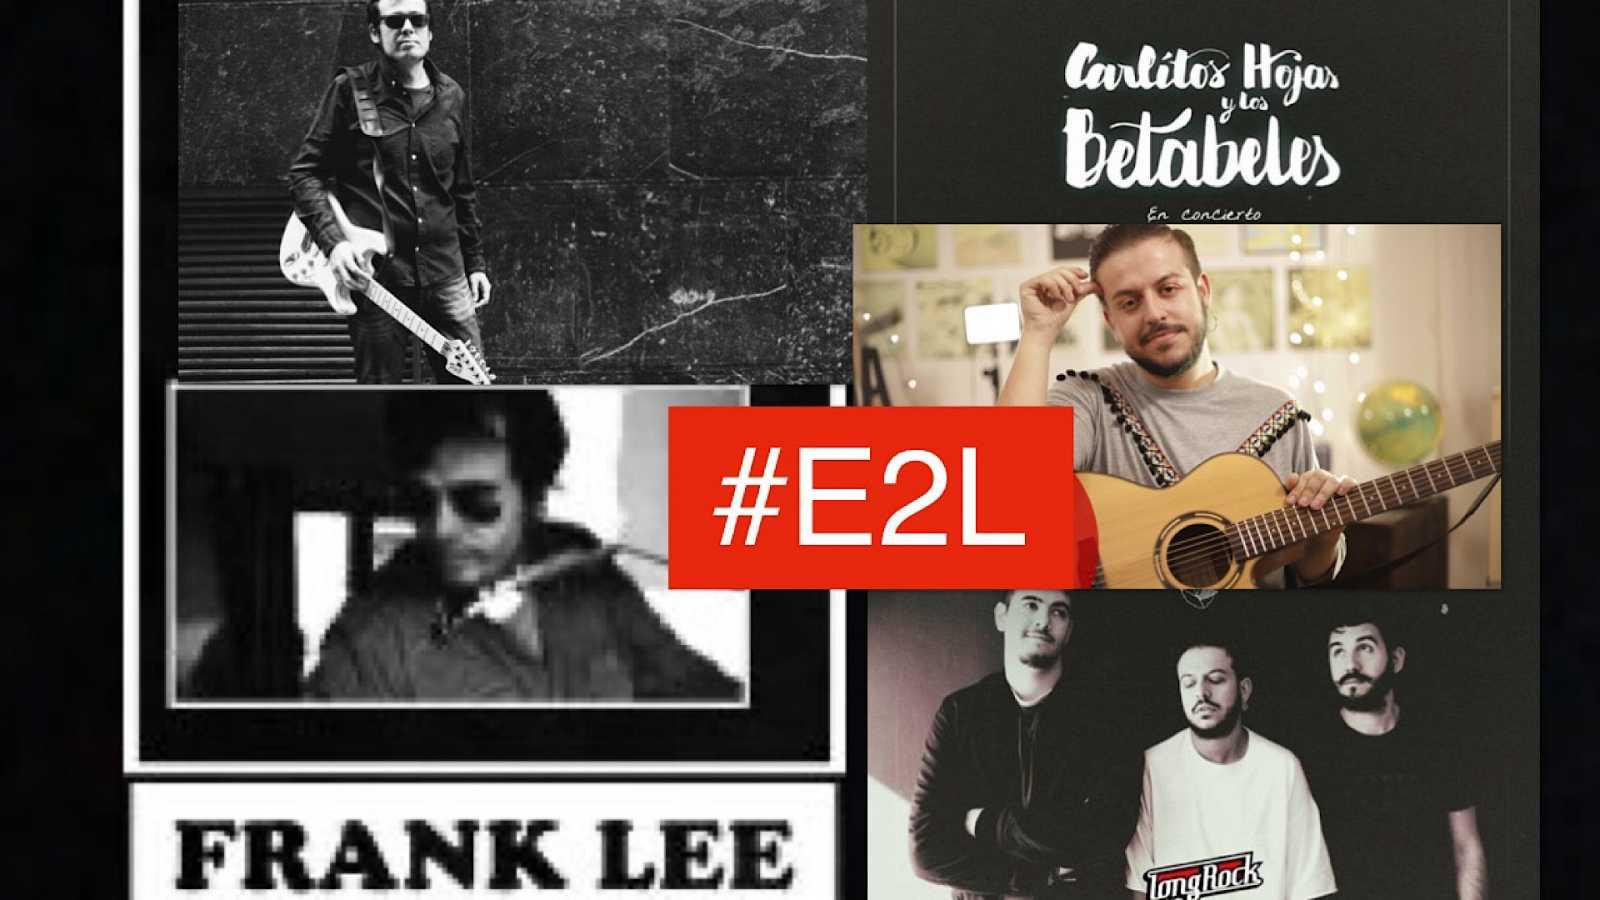 Entre dos luces - Pidiendo pista: Frank Lee, Carlitos Hojas y Los Betabeles - 08/04/20 - escuchar ahora